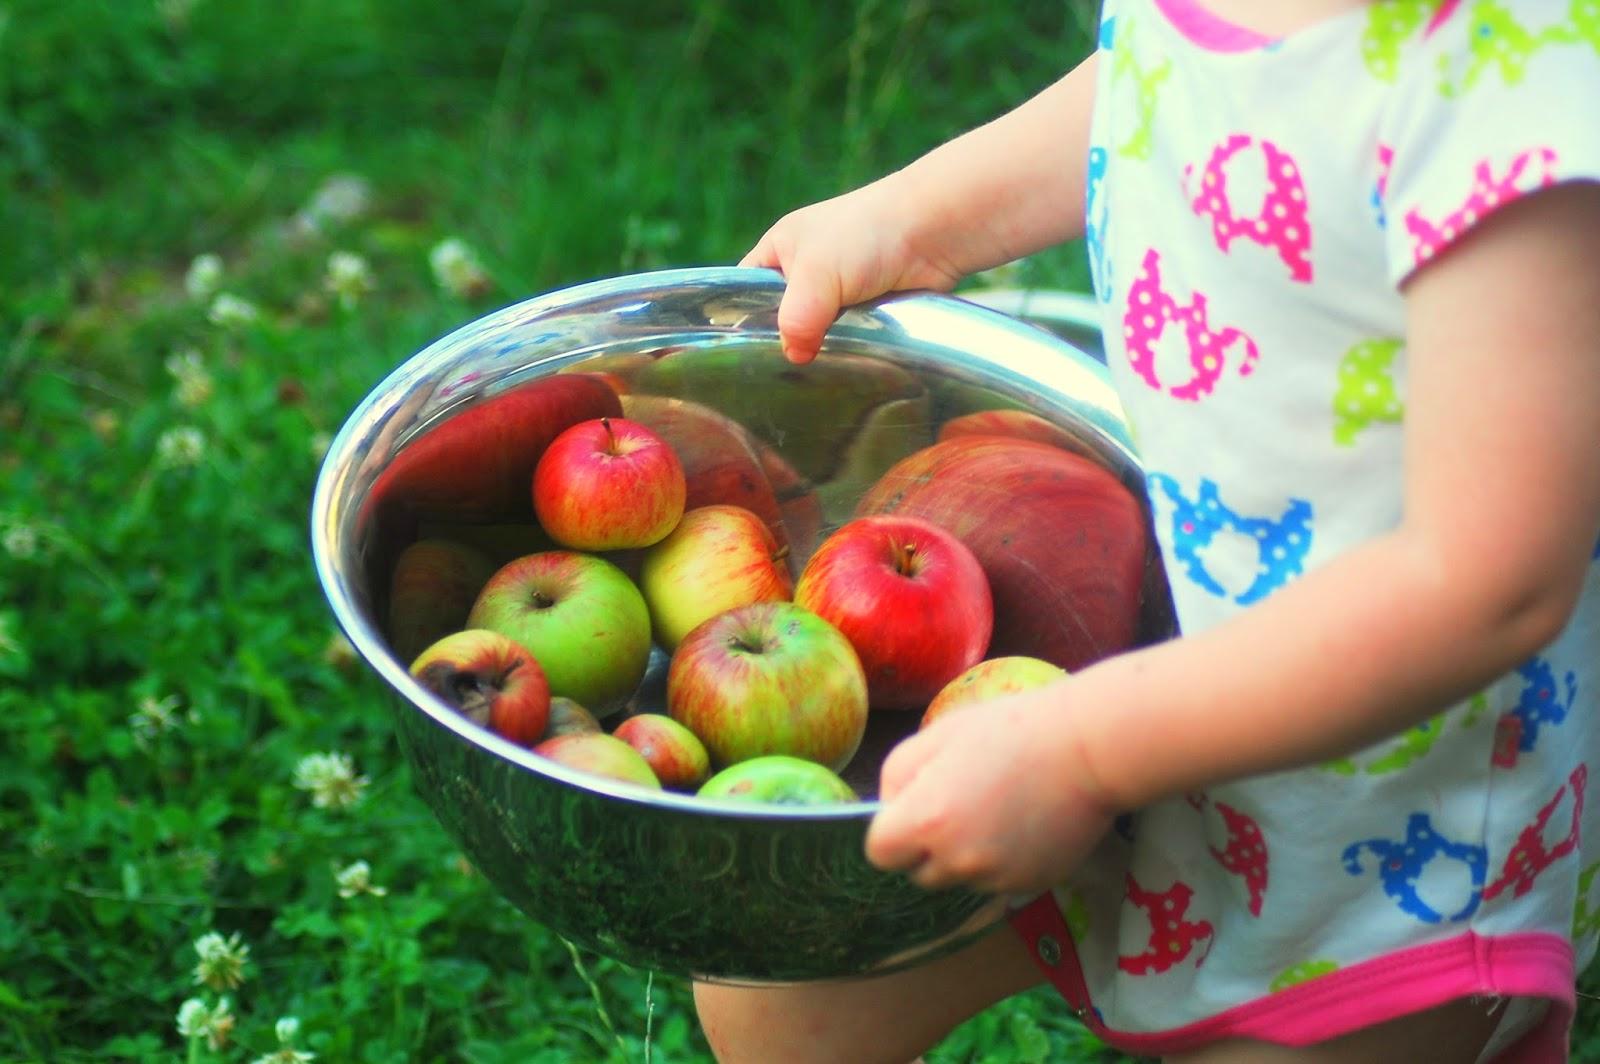 Hiška drobižka: Nabiranje jabolk - na blogu Zelena hiška